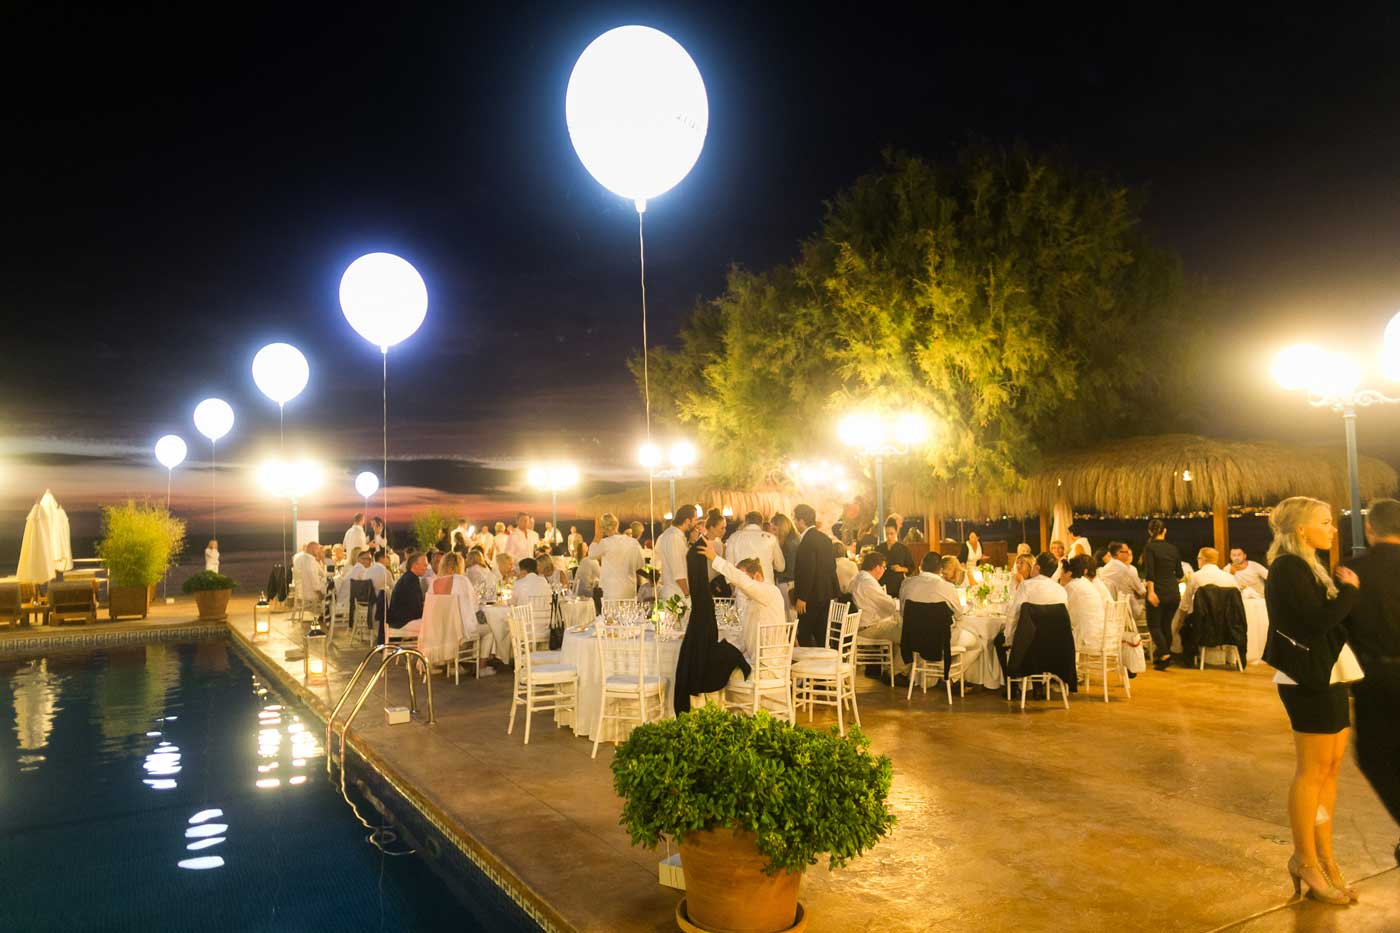 Leuchtballons zur Dekoration an Swimmingpool zum Sonnenuntergang